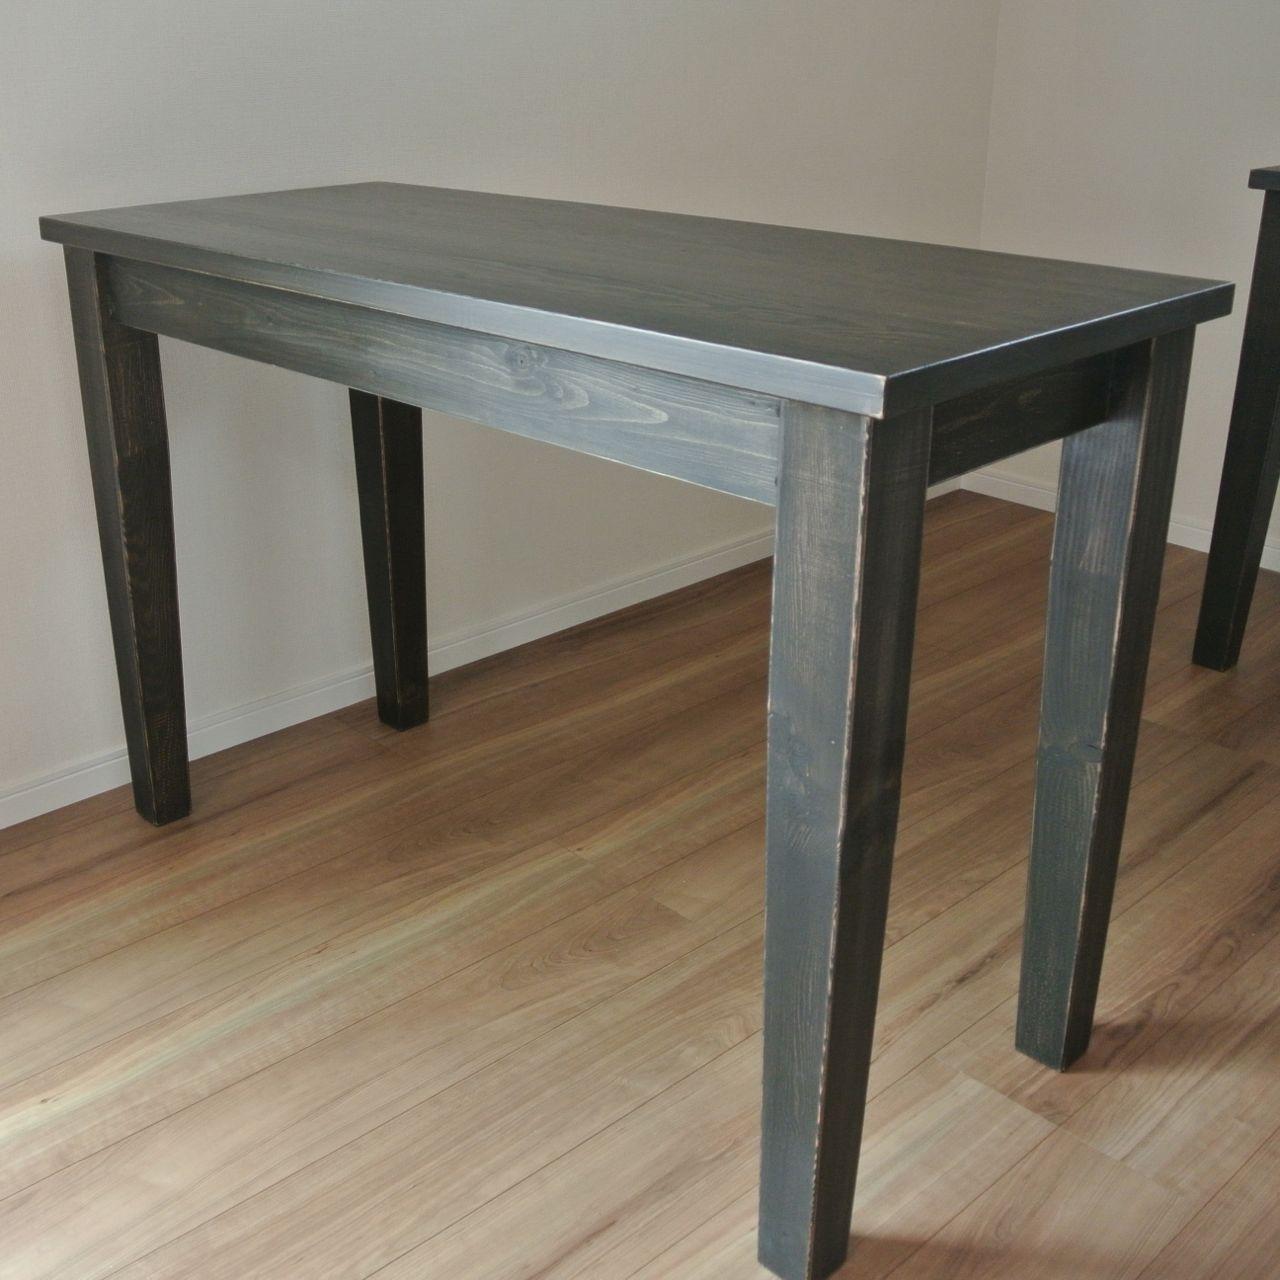 ディスプレーテーブル(組立式) - ニコルソン家具店